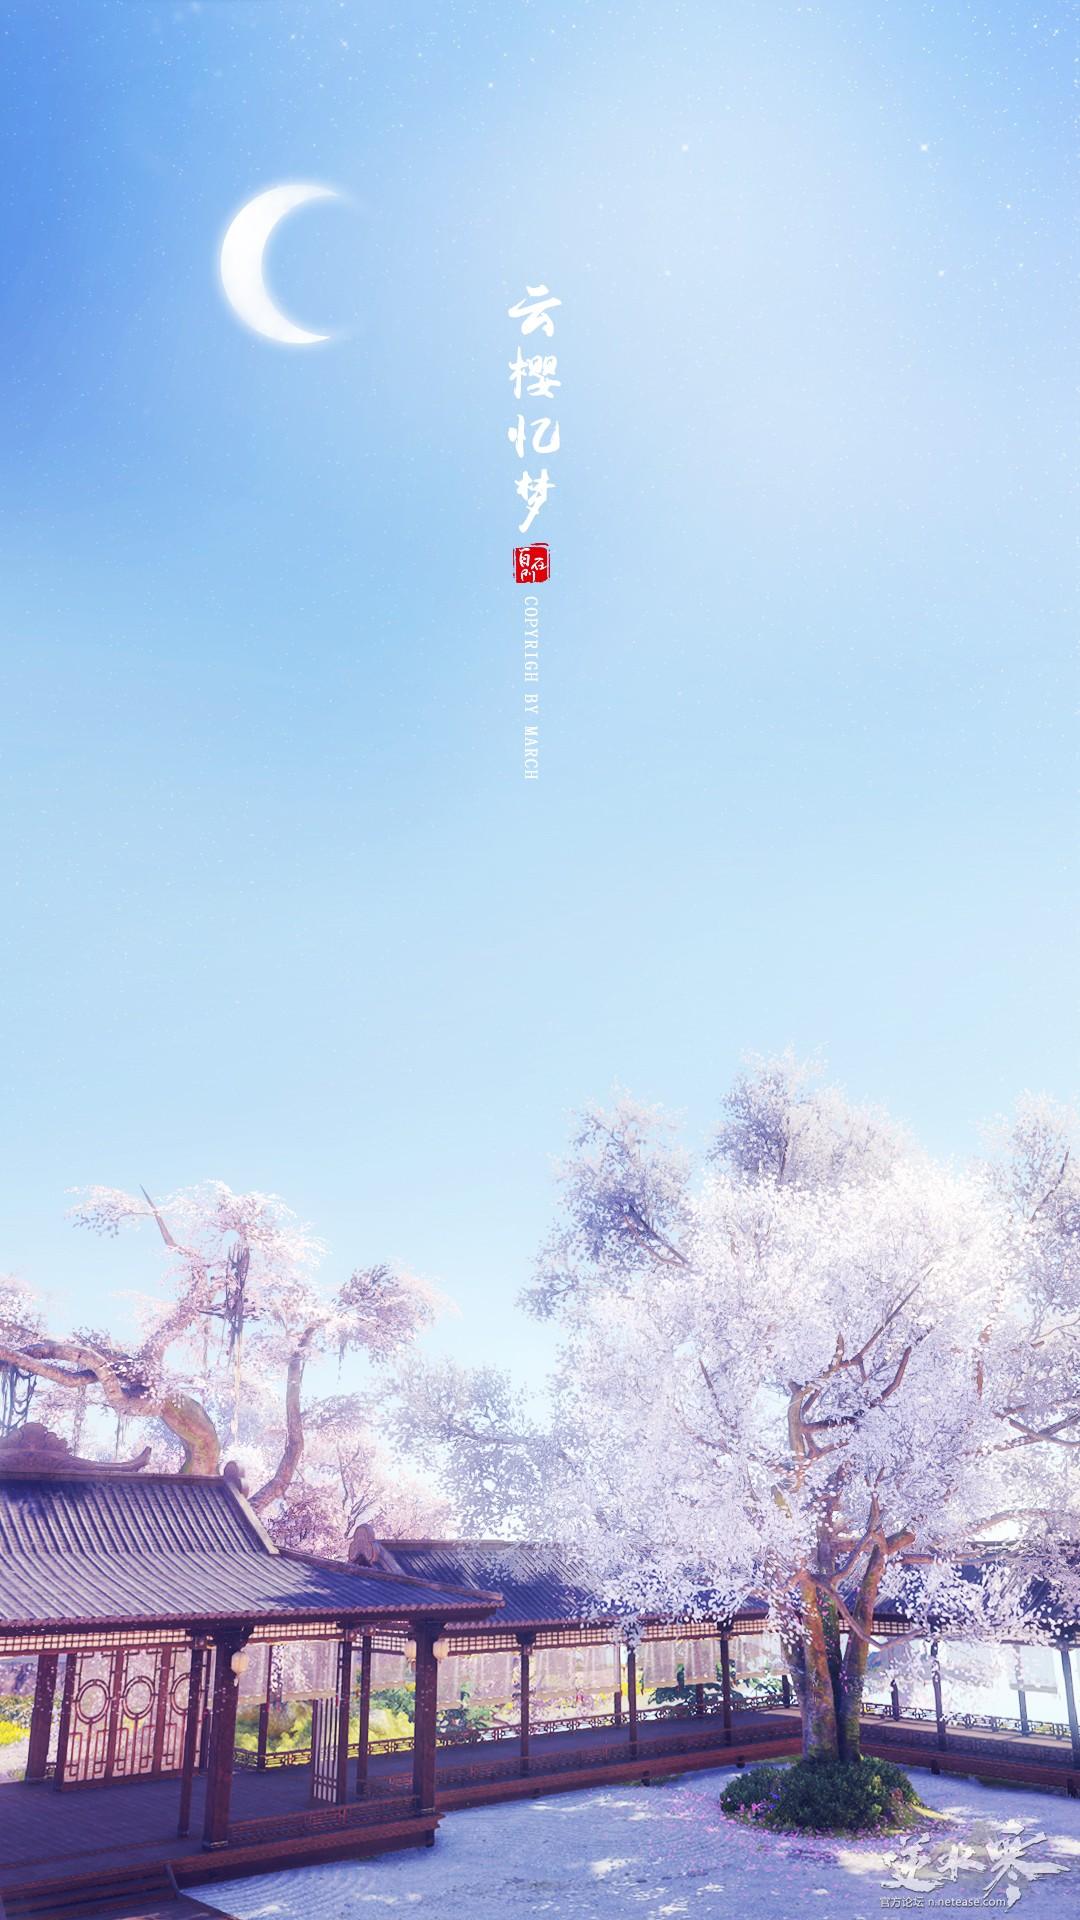 【自在门】【手机风景壁纸】日月之行,若出其中;星汉灿烂,若出其里